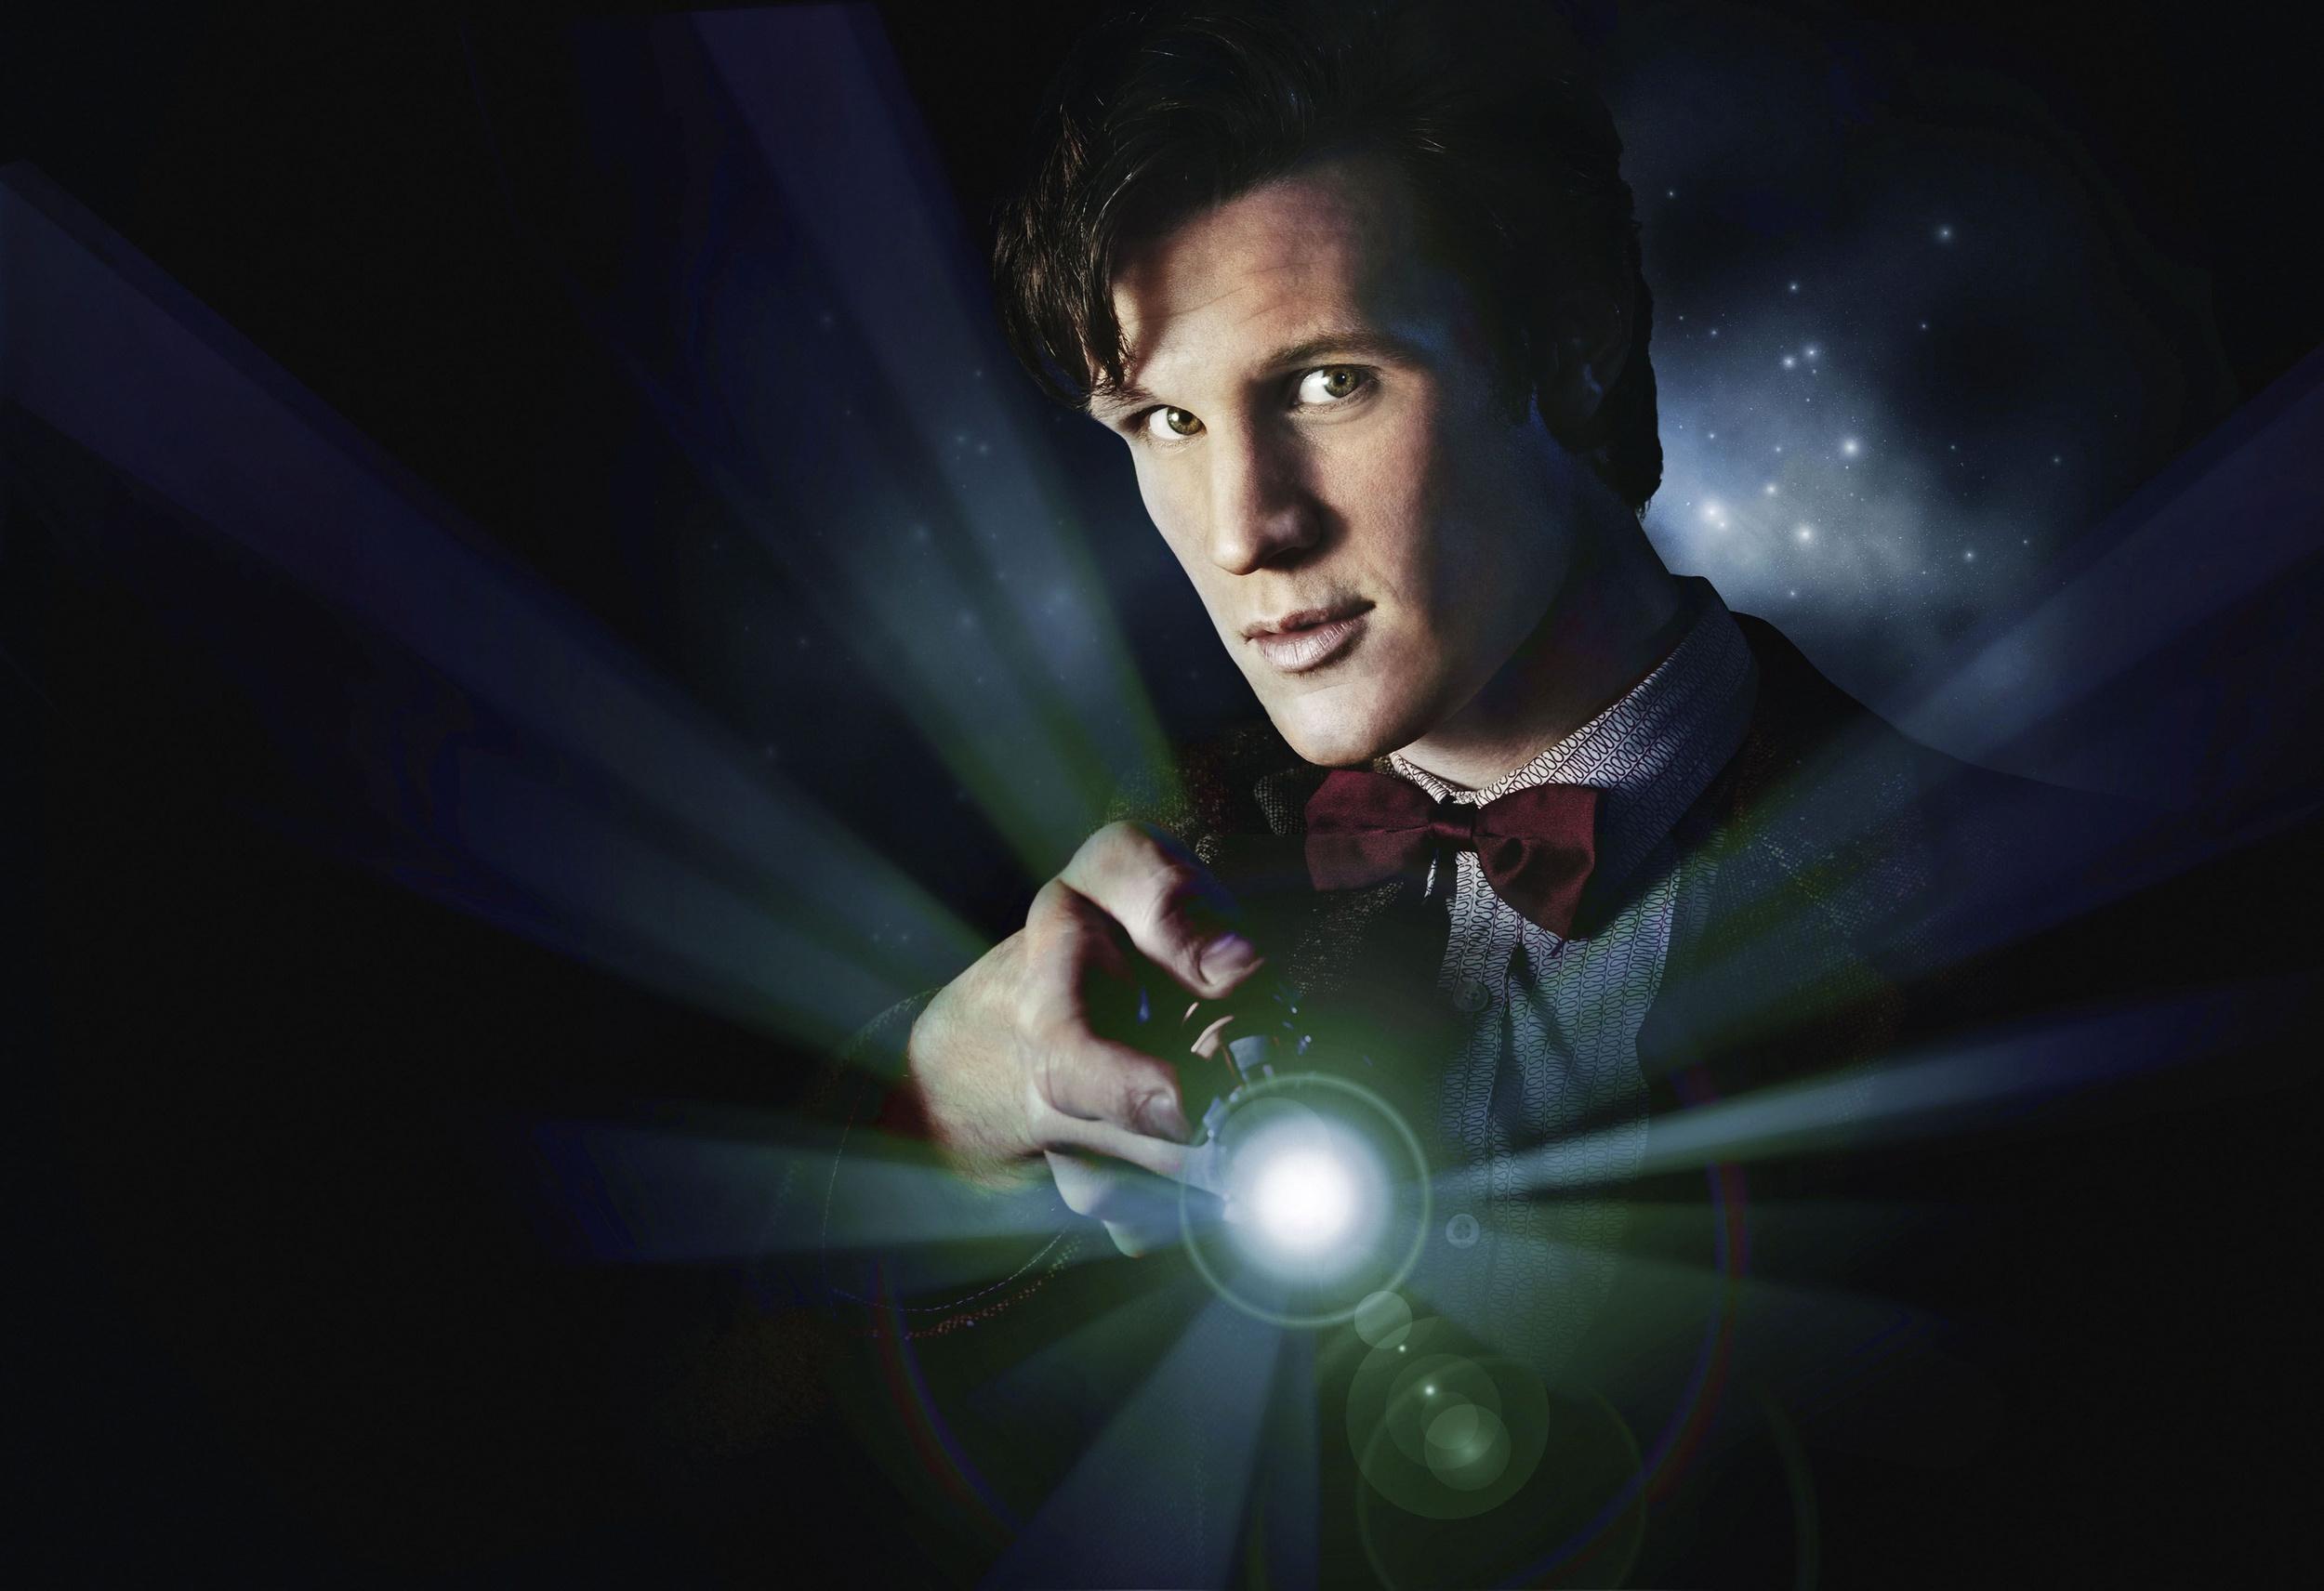 steven-moffat-gives-more-details-on-the-doctors-regeneration-header.jpg